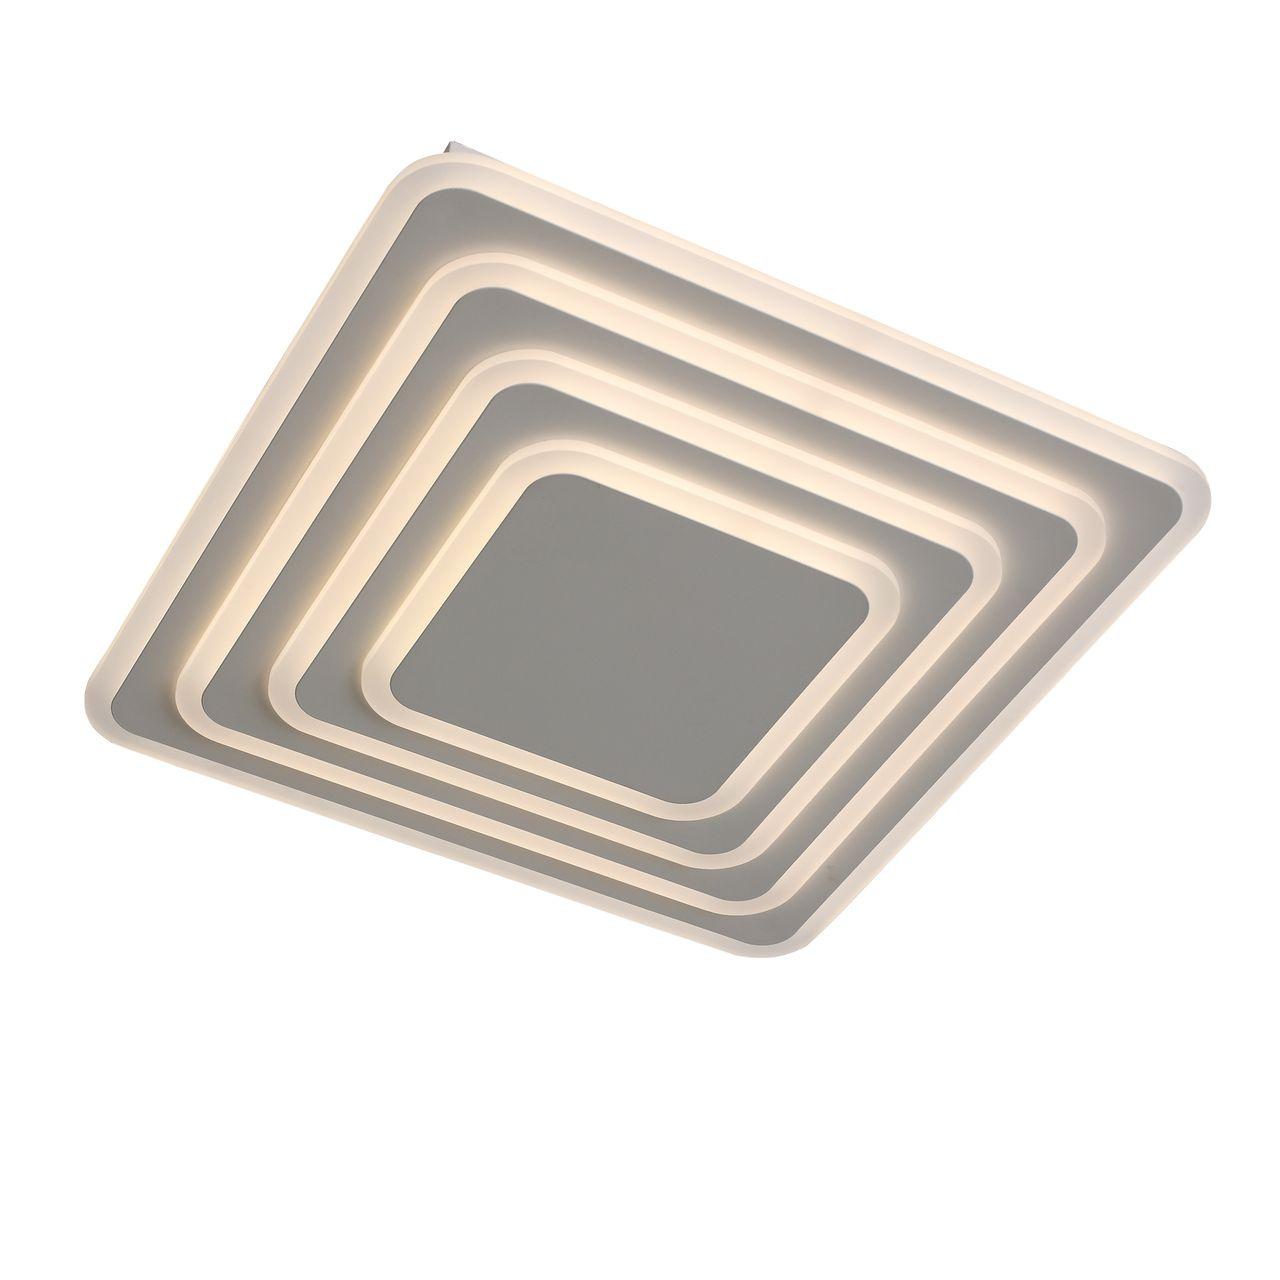 Потолочный светодиодный светильник ST Luce Тorres SL844.502.04 фото